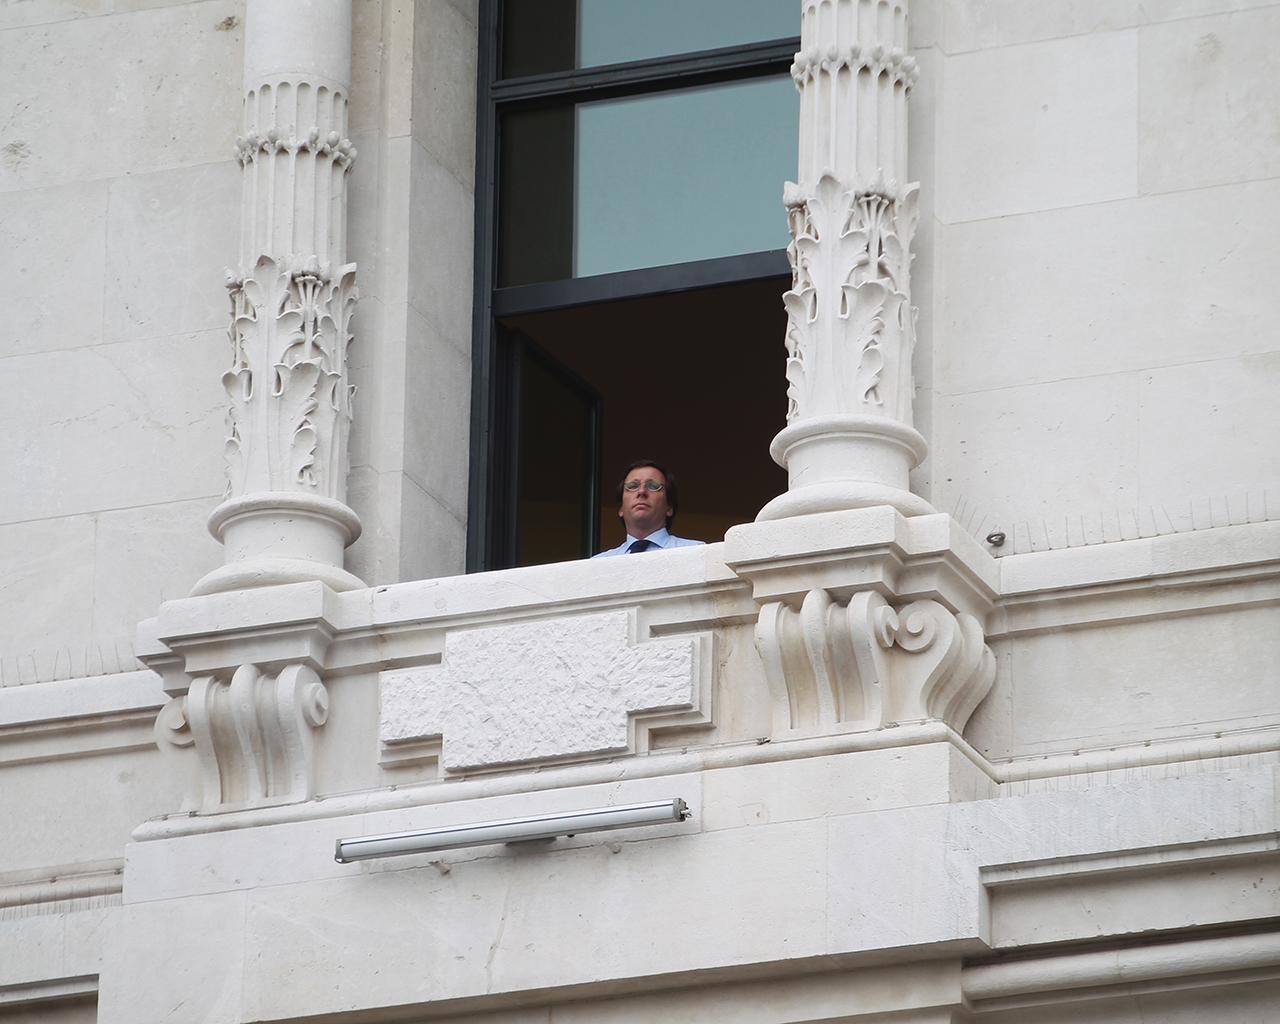 El alcalde de la ciudad, Jose Luis Martínez-Almeida, guarda un minuto de silencio por las víctimas desde la ventana del Ayuntamiento. 30/03/2020. Madrid.